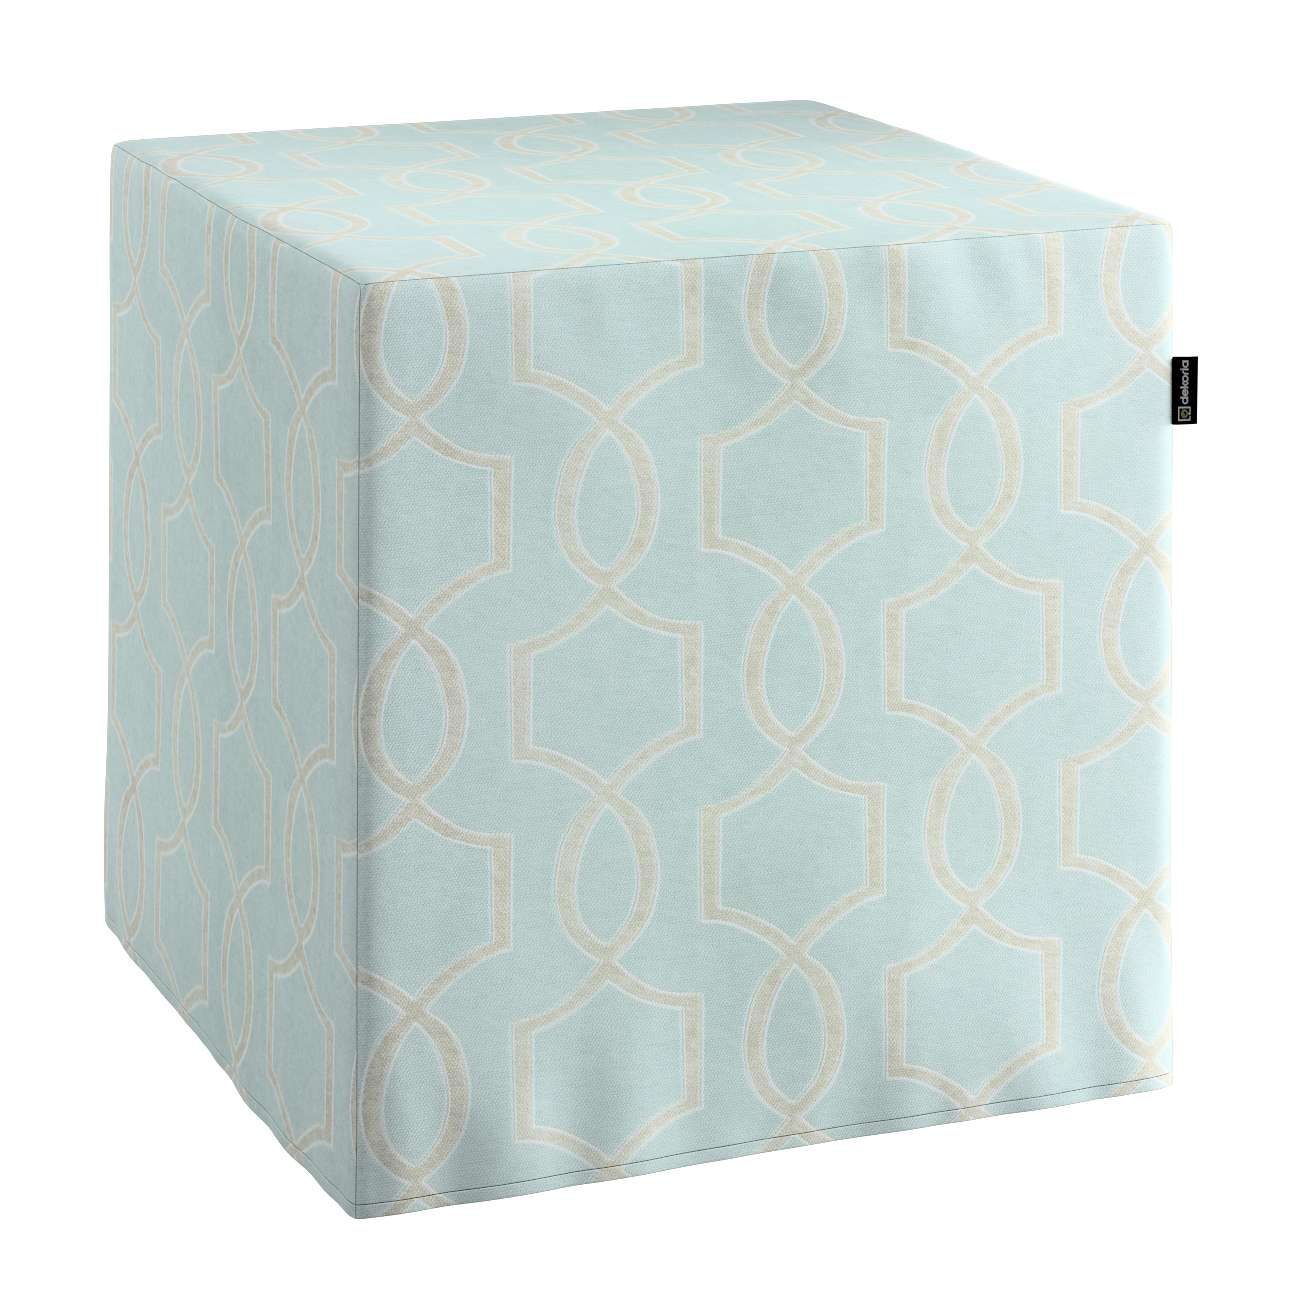 Pokrowiec na pufę kostke kostka 40x40x40 cm w kolekcji Comics, tkanina: 141-24